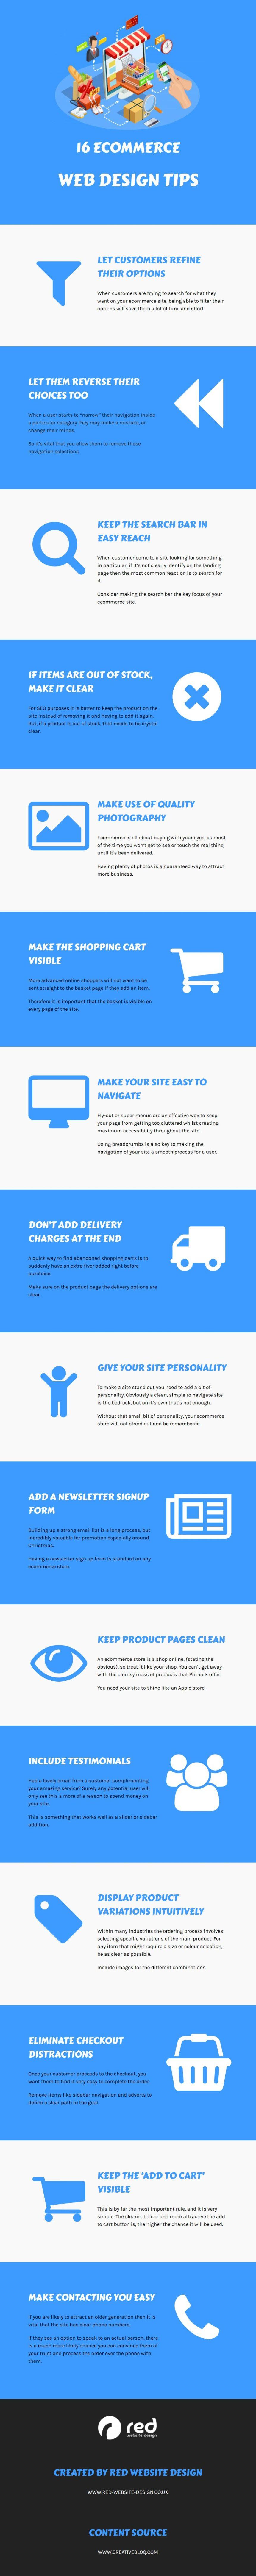 16 consejos de diseño web para Comercio Electrónico